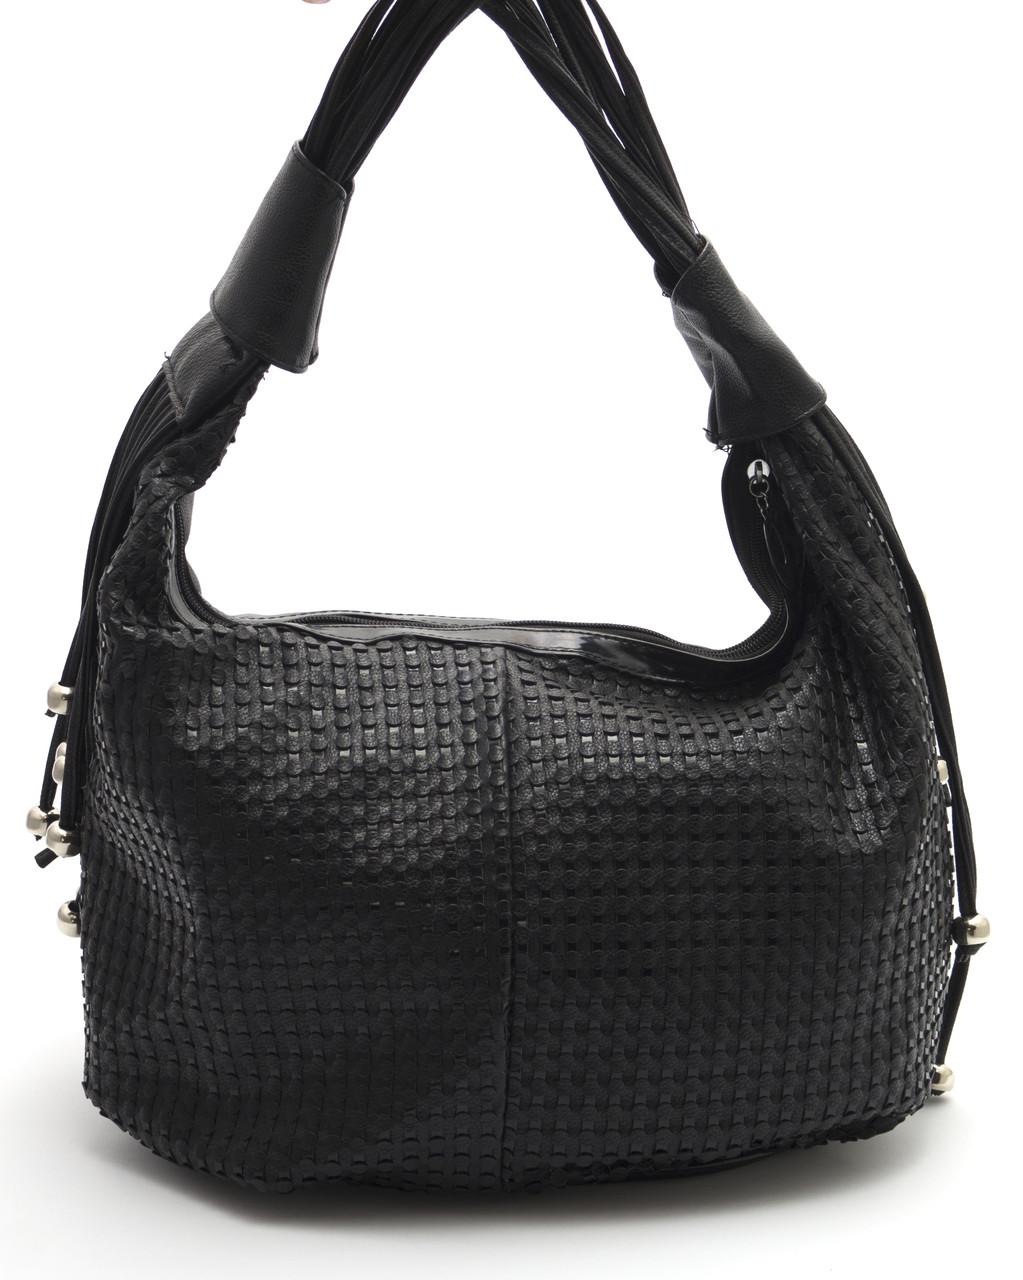 Черная женская сумка плетенка Б/Н art. 163